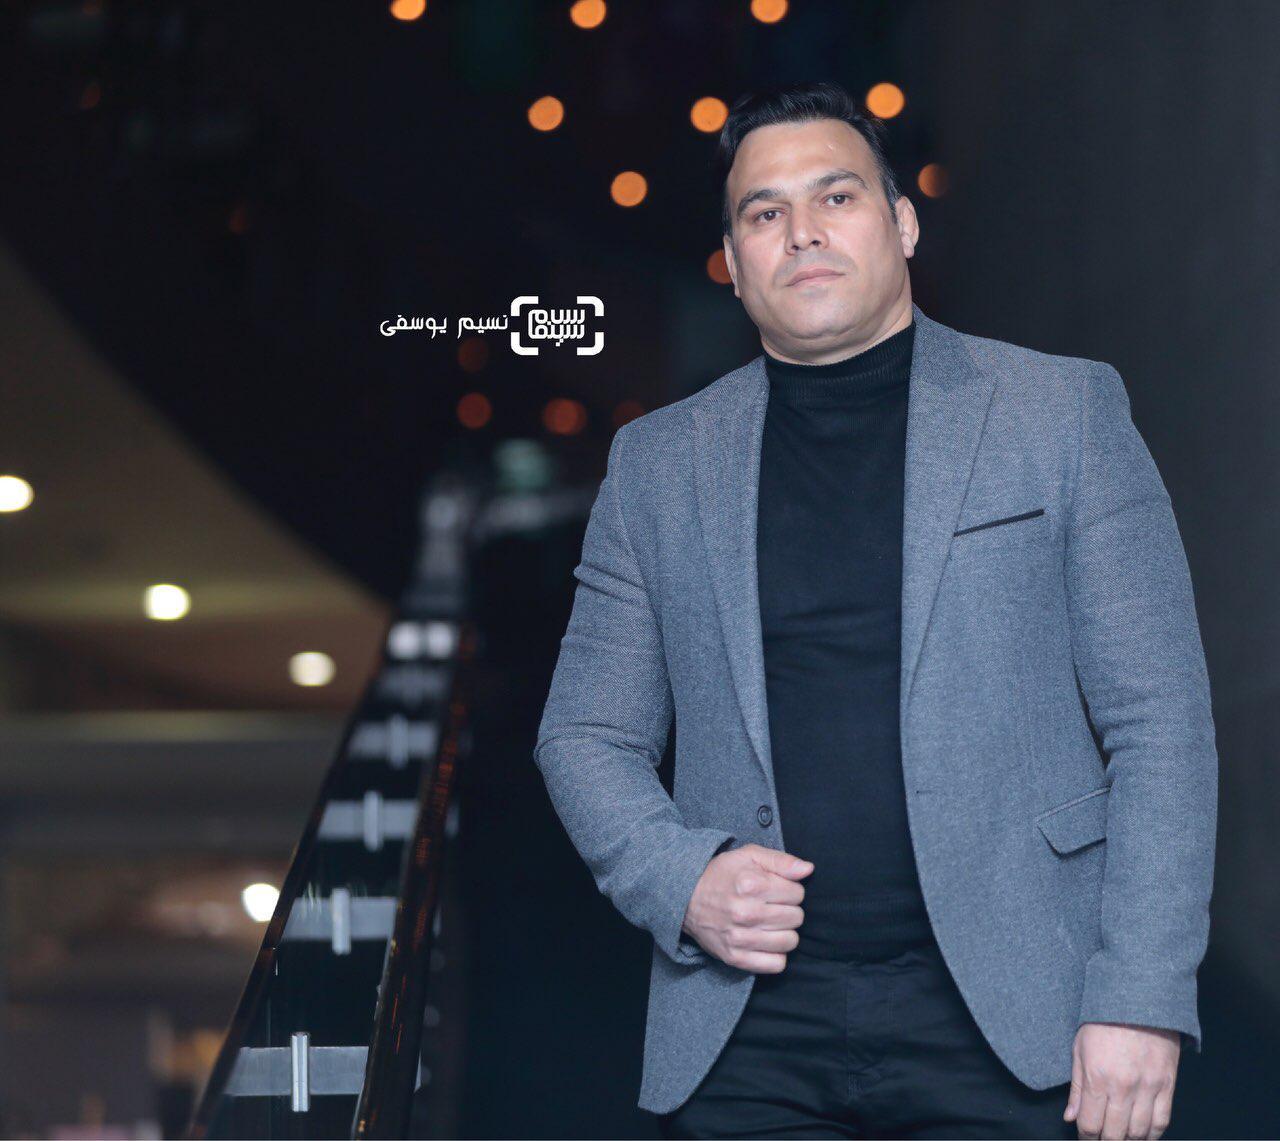 شاهرخ شهبازی در فتوکال فیلم «غلامرضا تختی» در سی و هفتمین جشنواره فیلم فجر